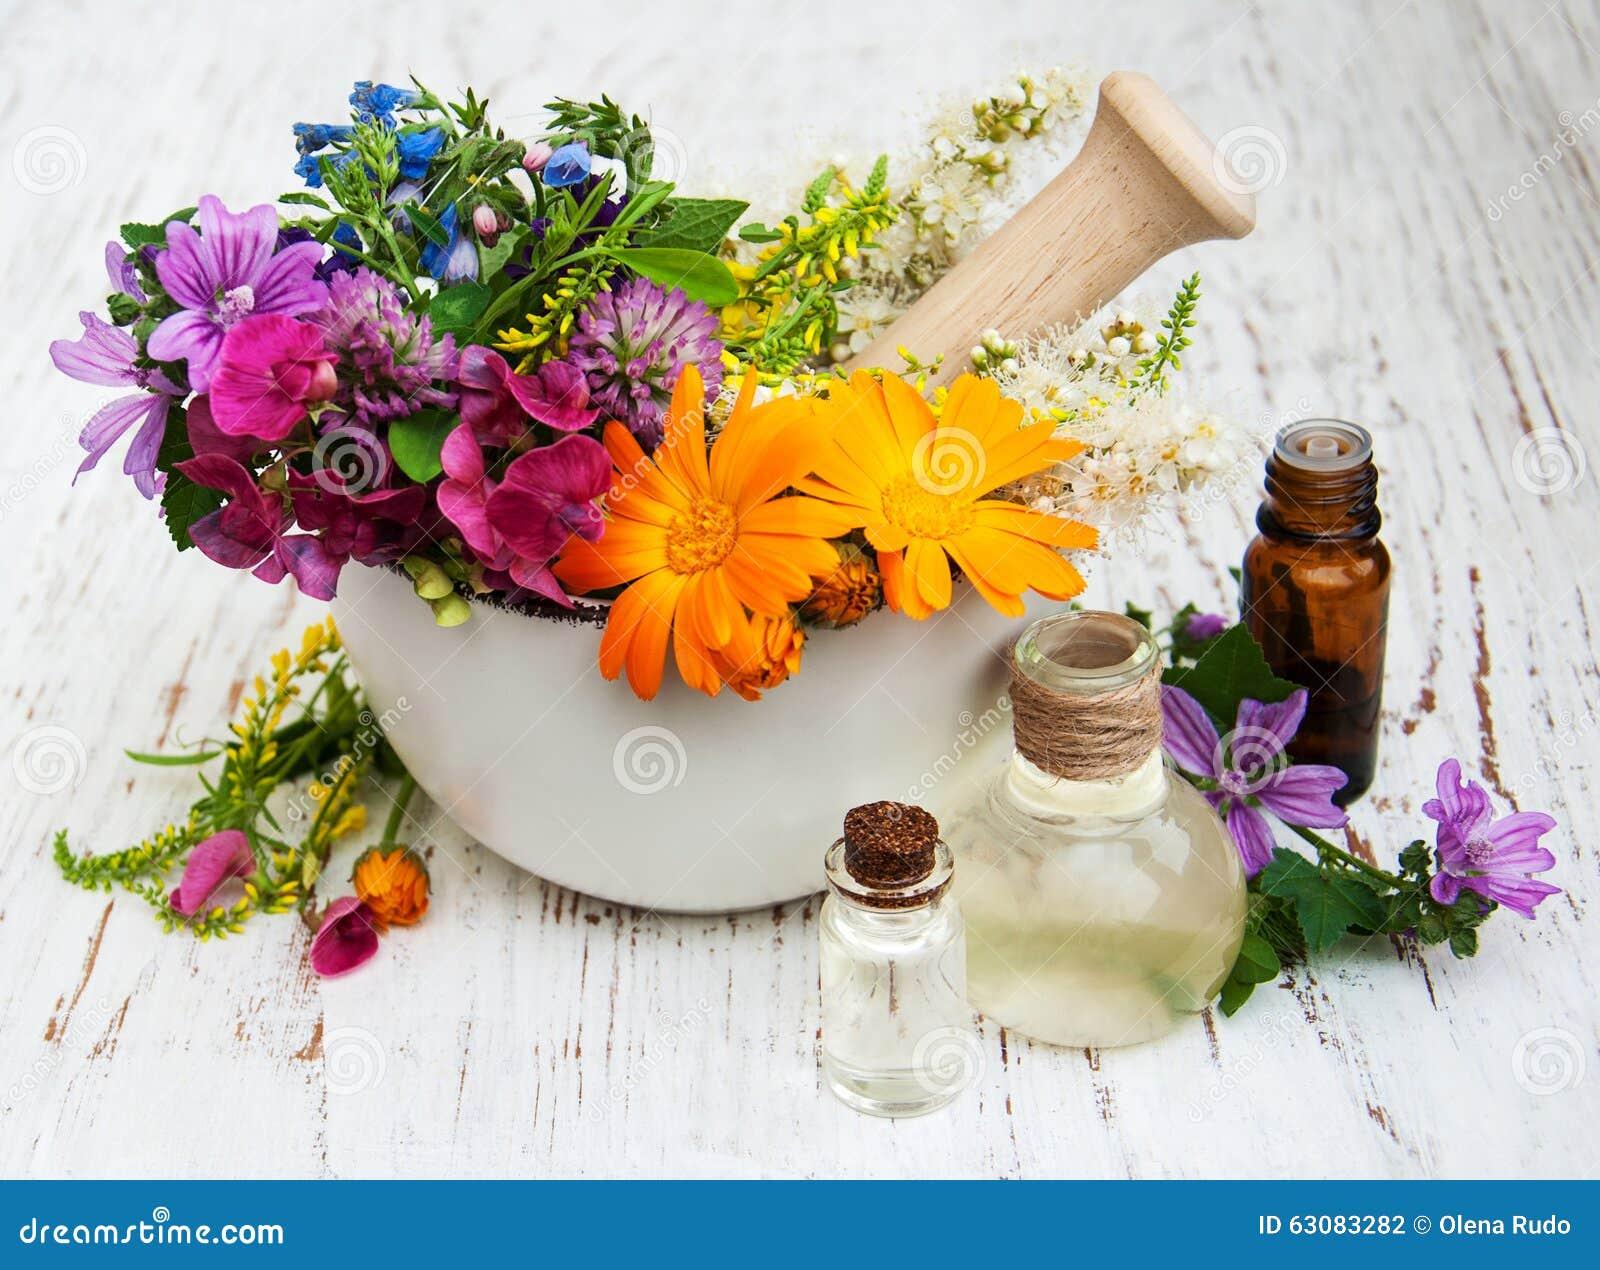 Download Feuille De Fleur Sauvage Et D'herbe En Mortier Photo stock - Image du blanc, herbal: 63083282